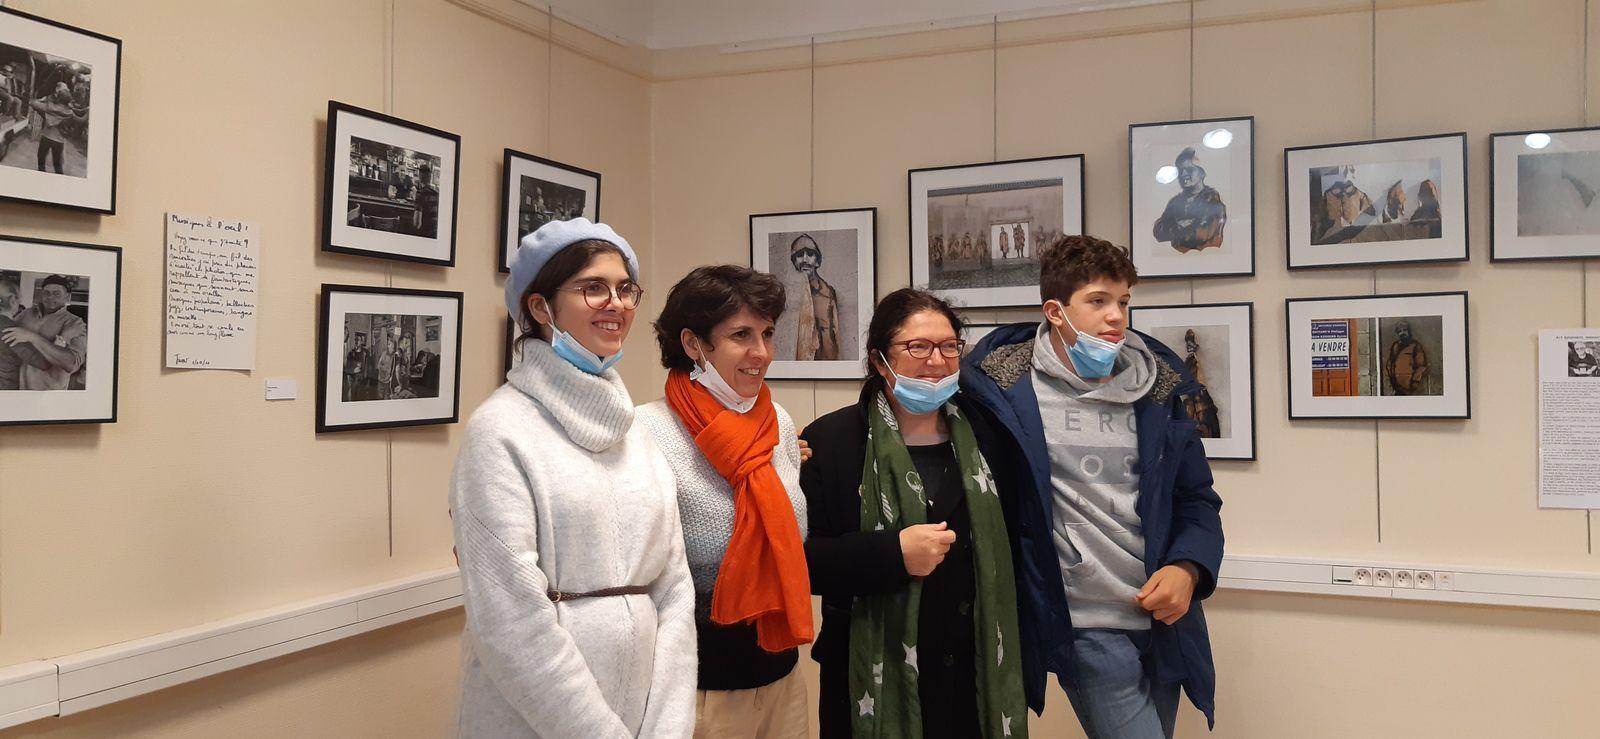 Inauguration de l'exposition retrospective du travail photographique de Jean-Marc Nayet (photos Jean-Luc Le Calvez)